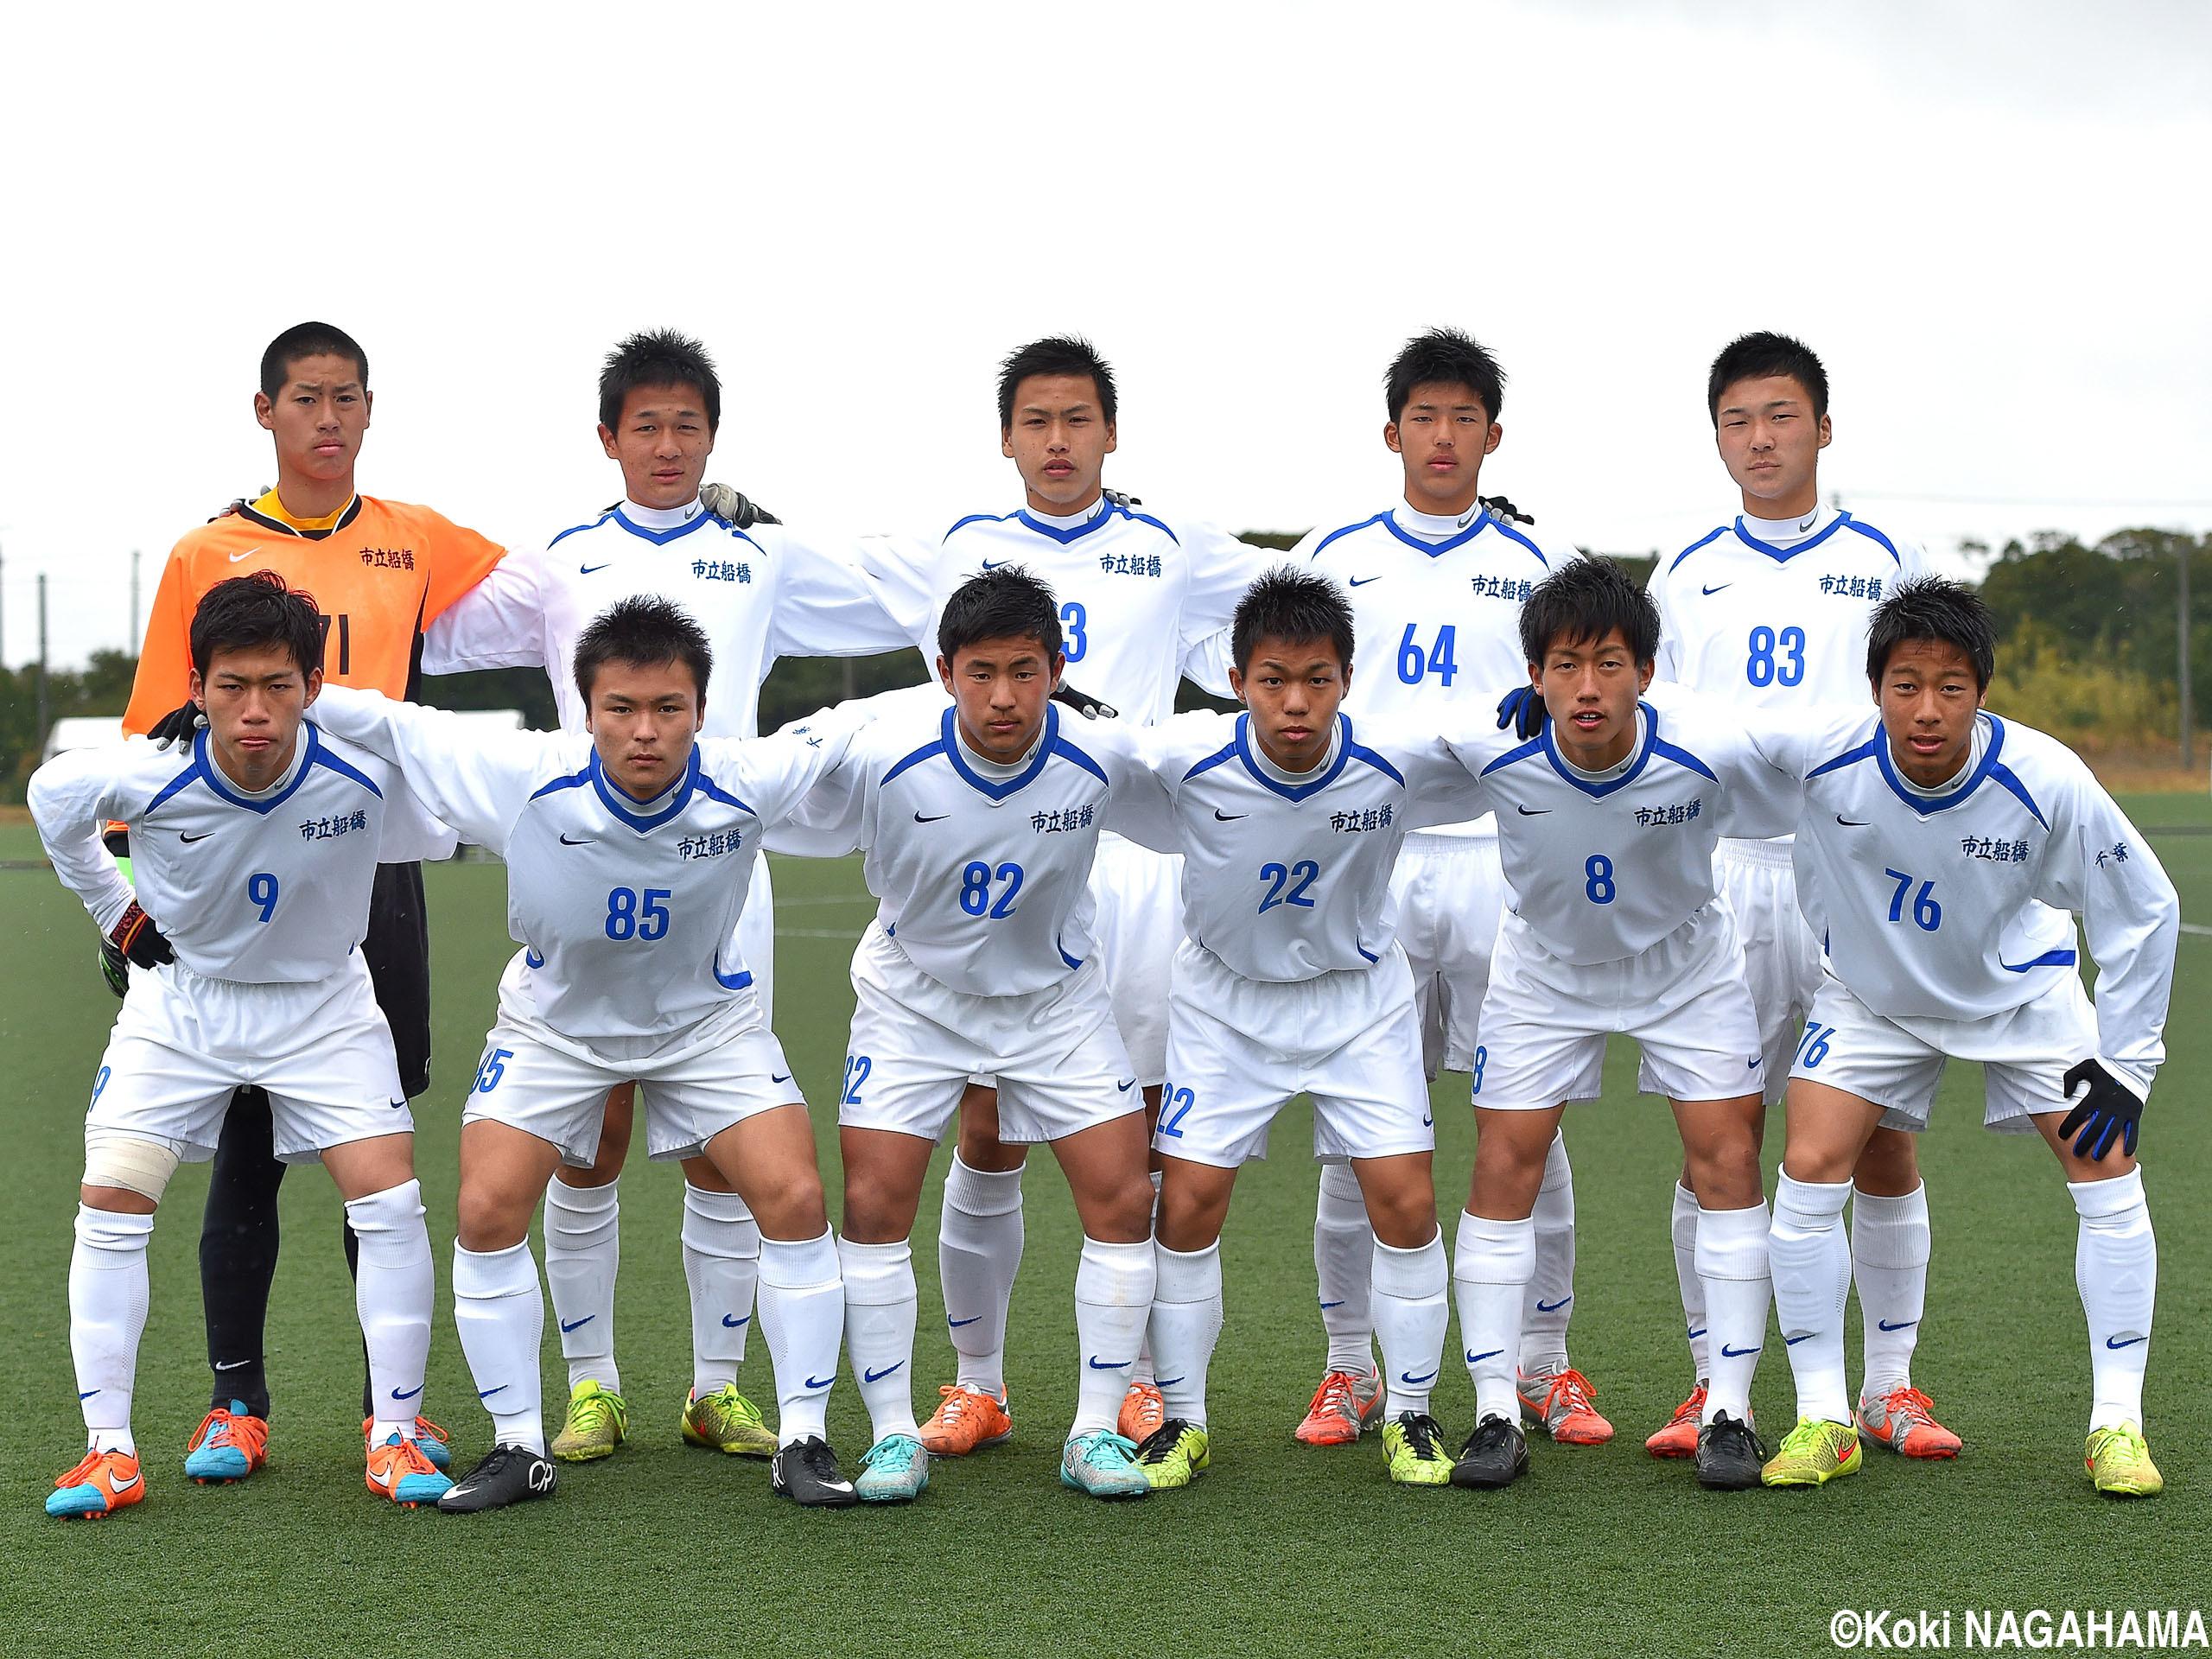 第20回船橋招待U-18サッカー大会が30日開幕、市立船橋・椎橋主将「勝ちにこだわっていきたい」